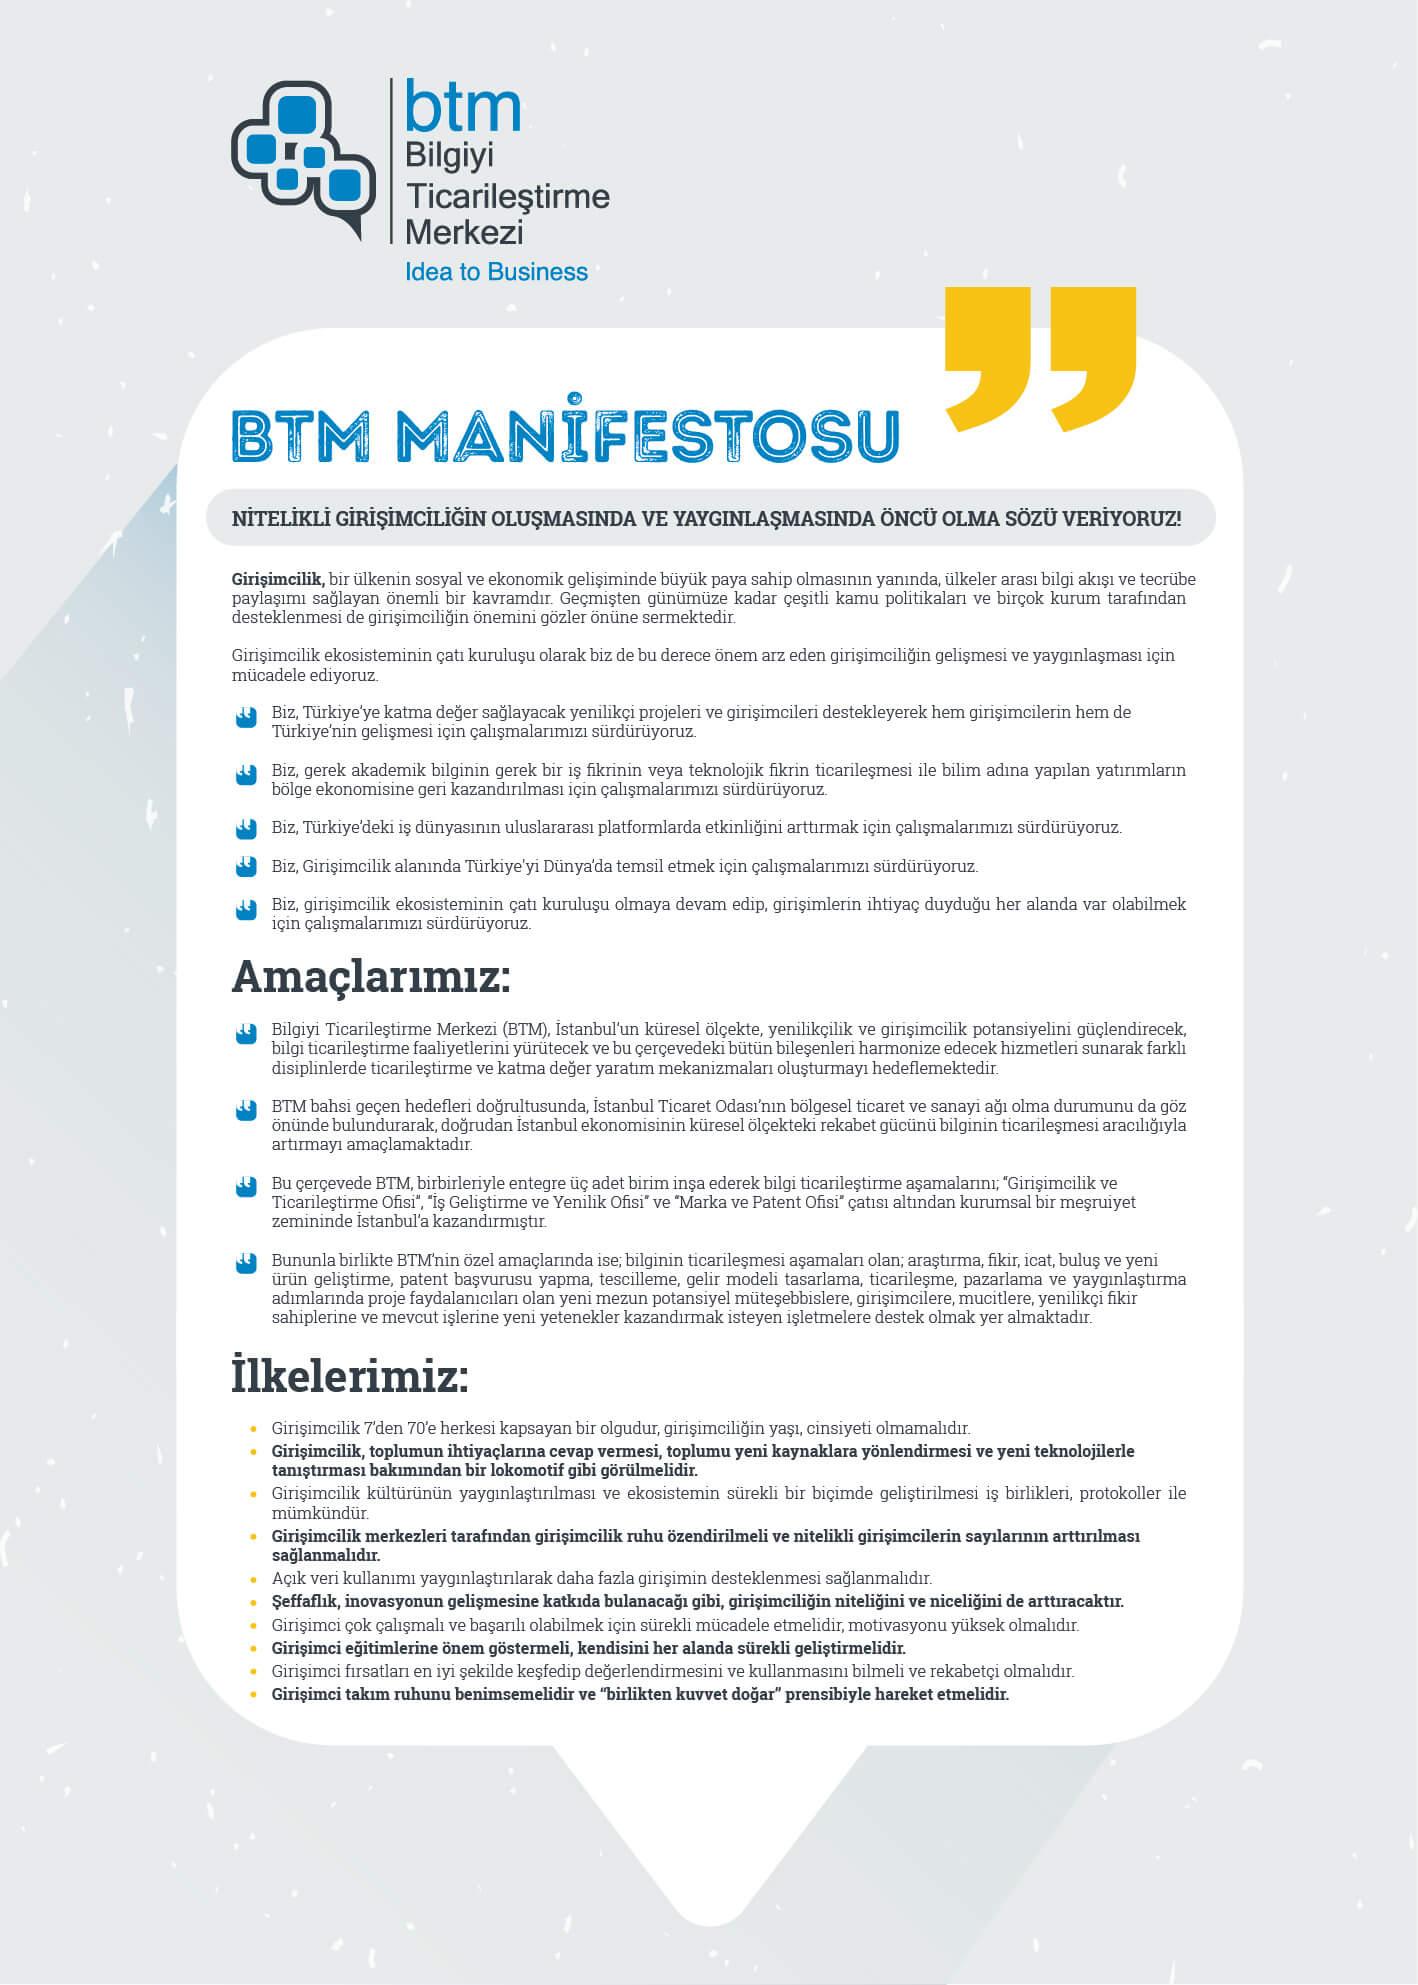 BTM Manifesto